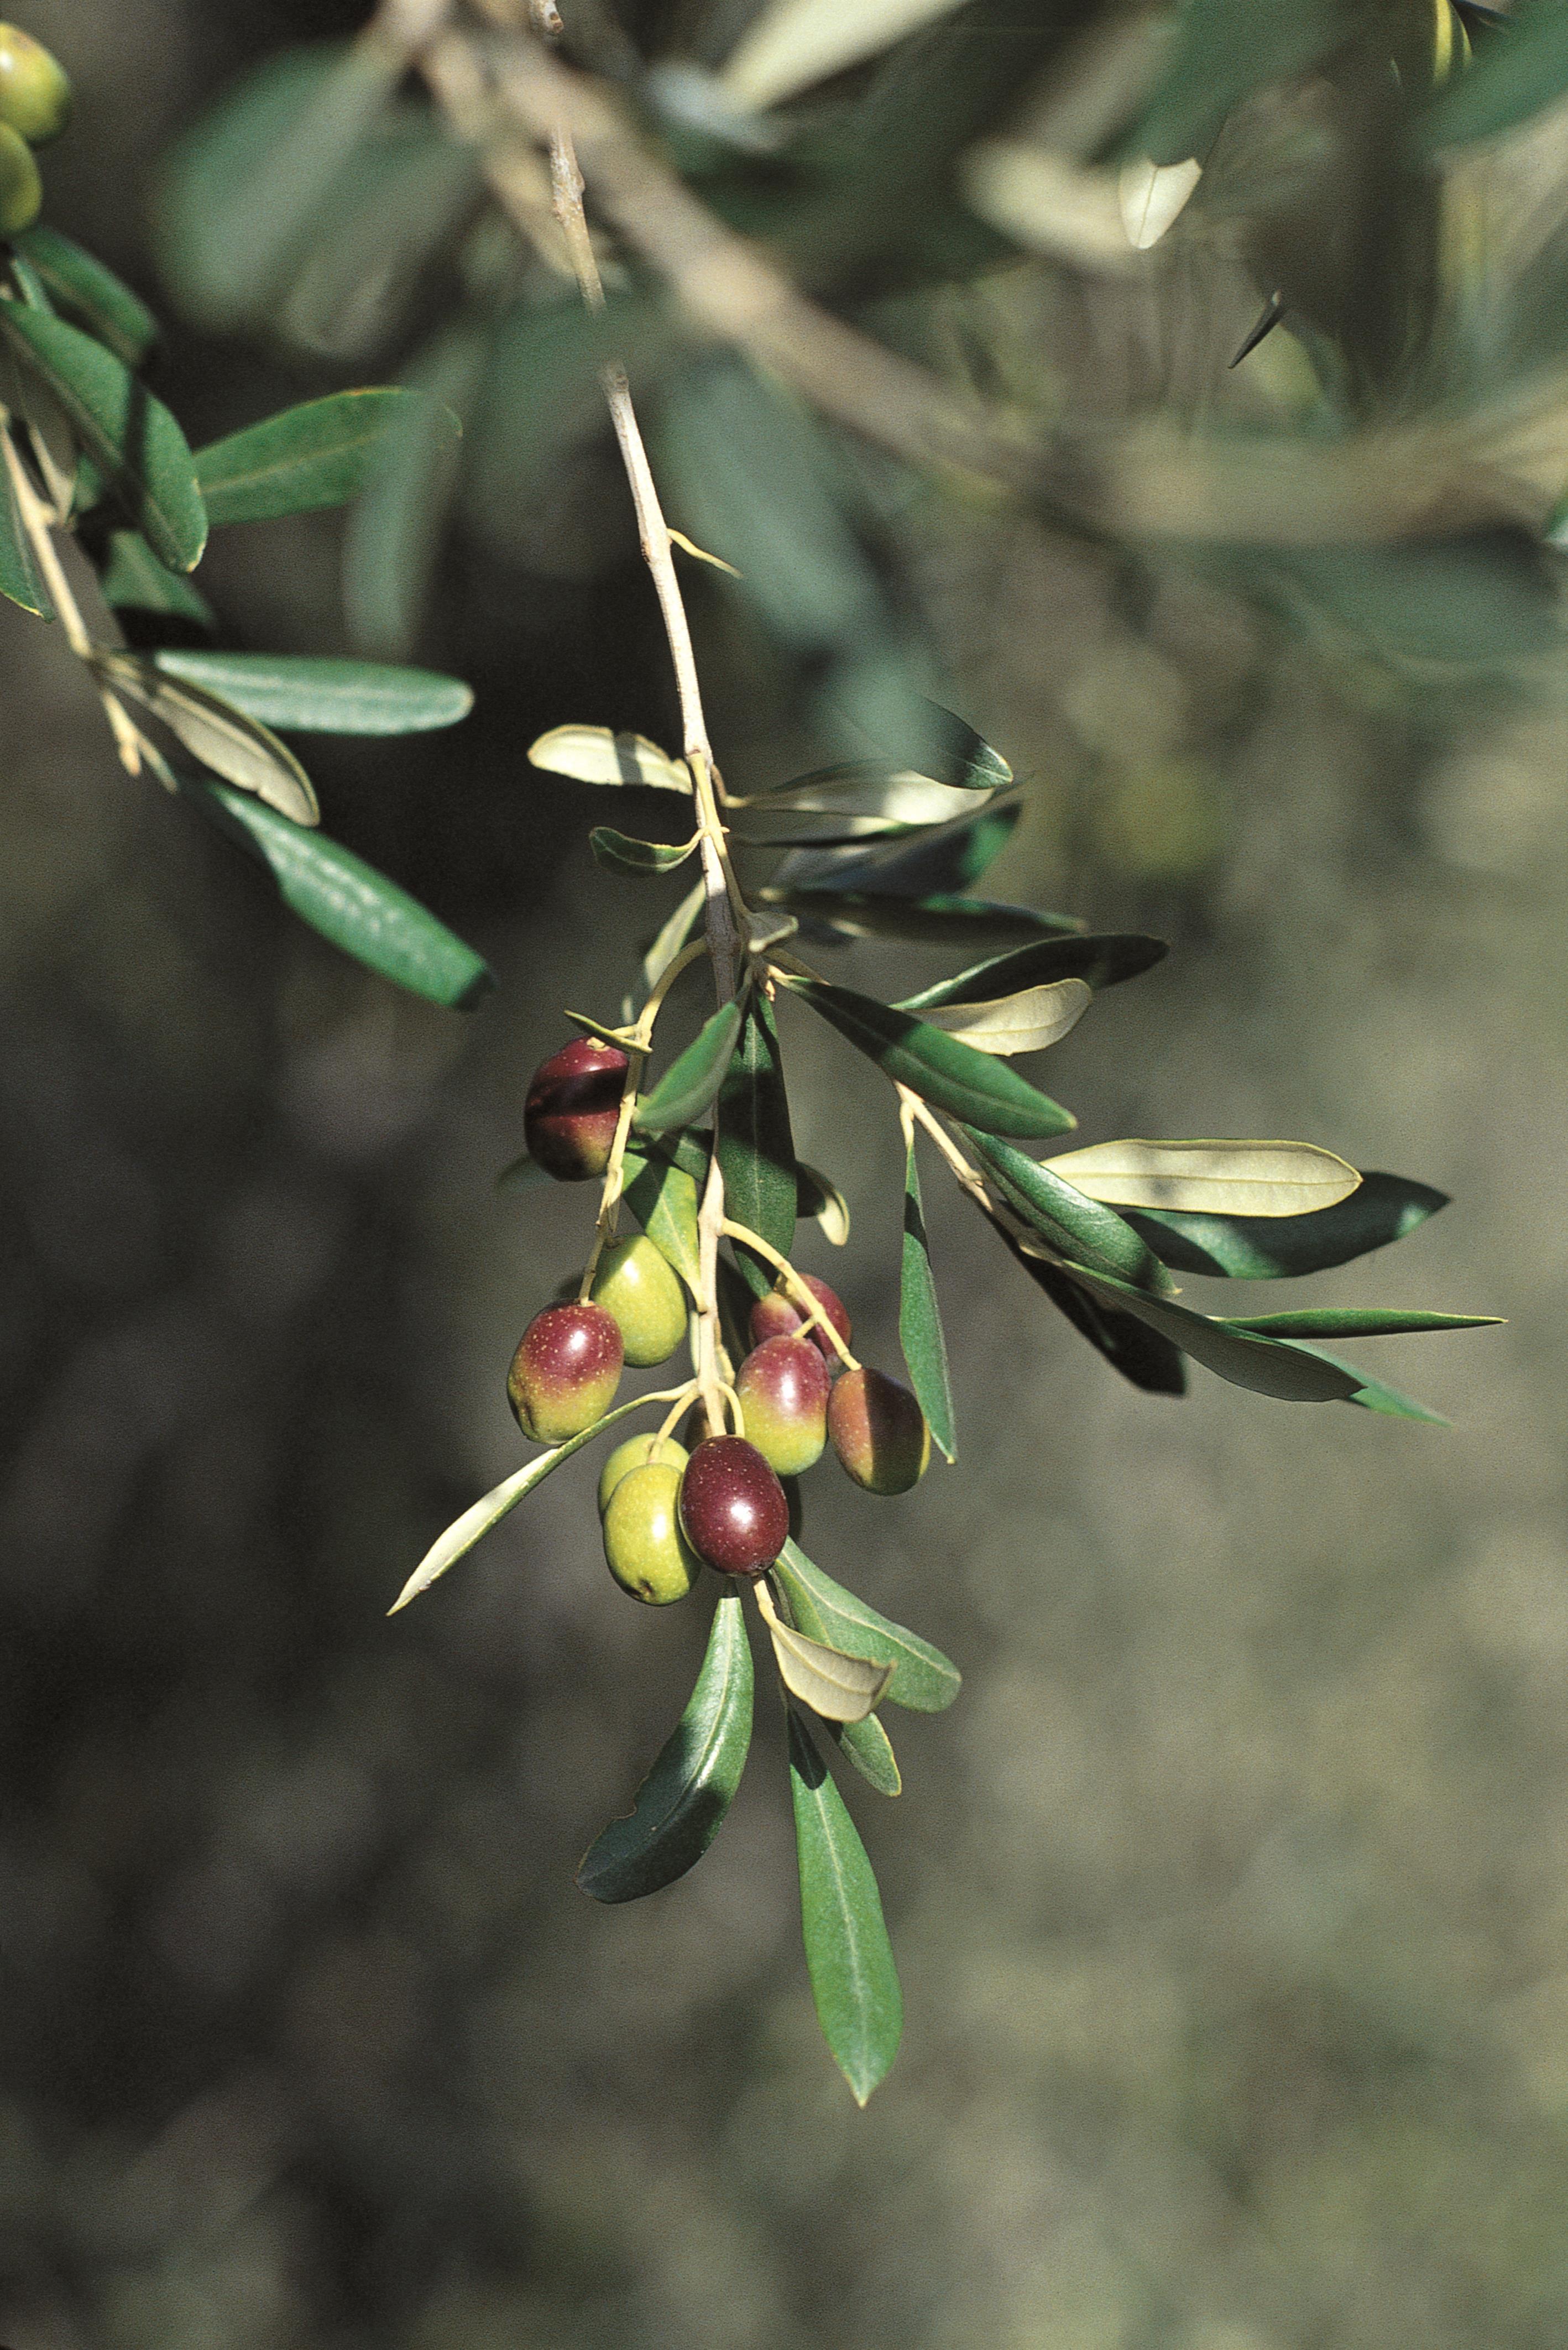 Dall'11 al 13 novembre torna a Imperia Olioliva, sedicesima edizione della grande festa autunnale interamente dedicata all'olivicoltura, all'agricoltura e al territorio del Ponente. In programma una tre giorni densa di…